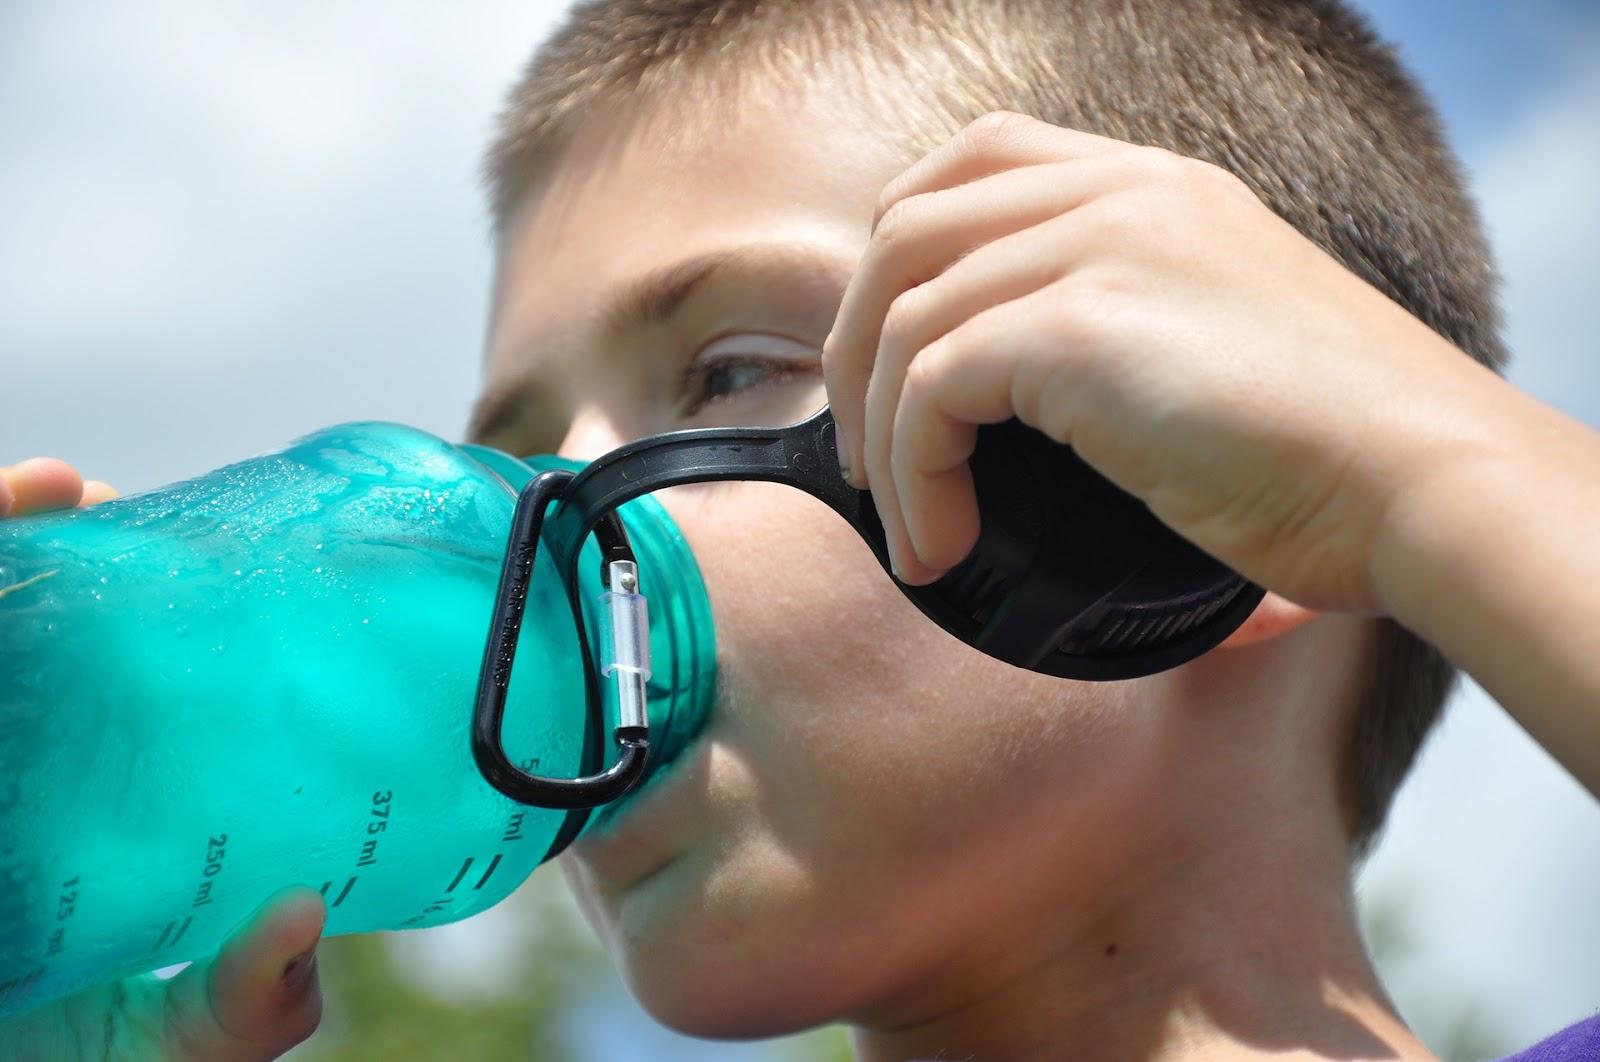 Kid drinking from water bottle